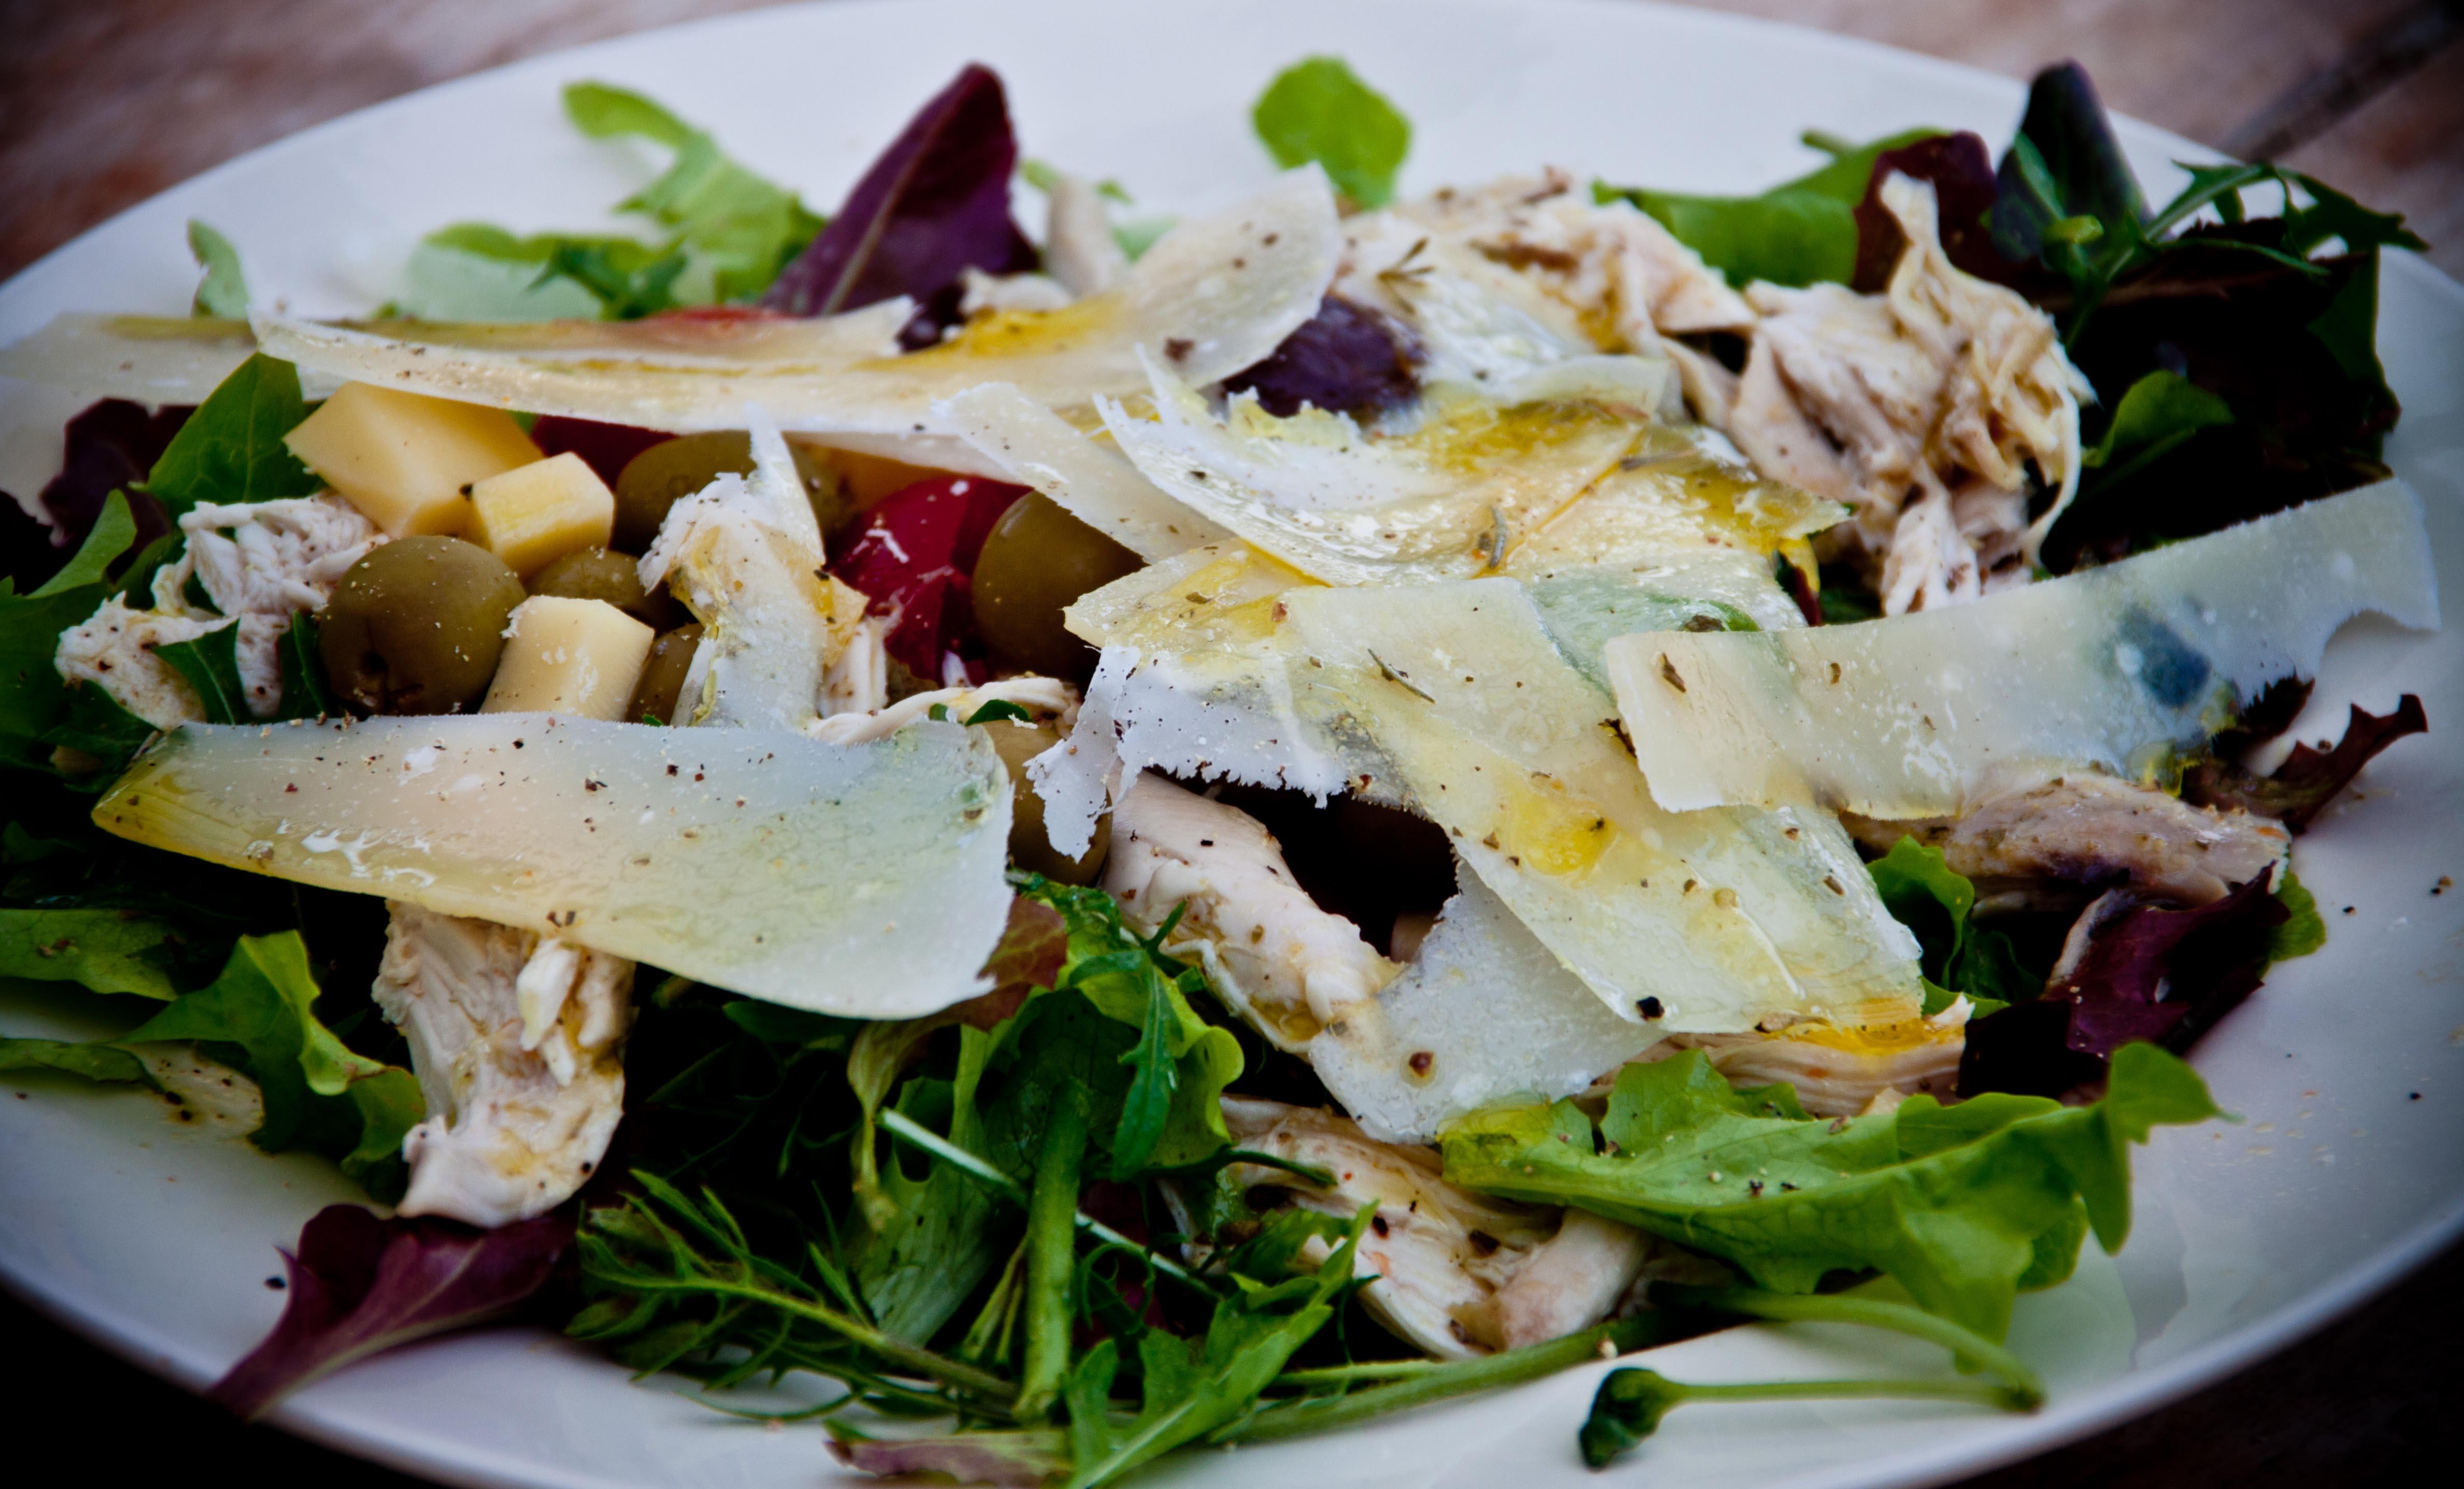 Fotoğraf Tabak Gıda Salata üretmek Sebze Mutfak Sezar